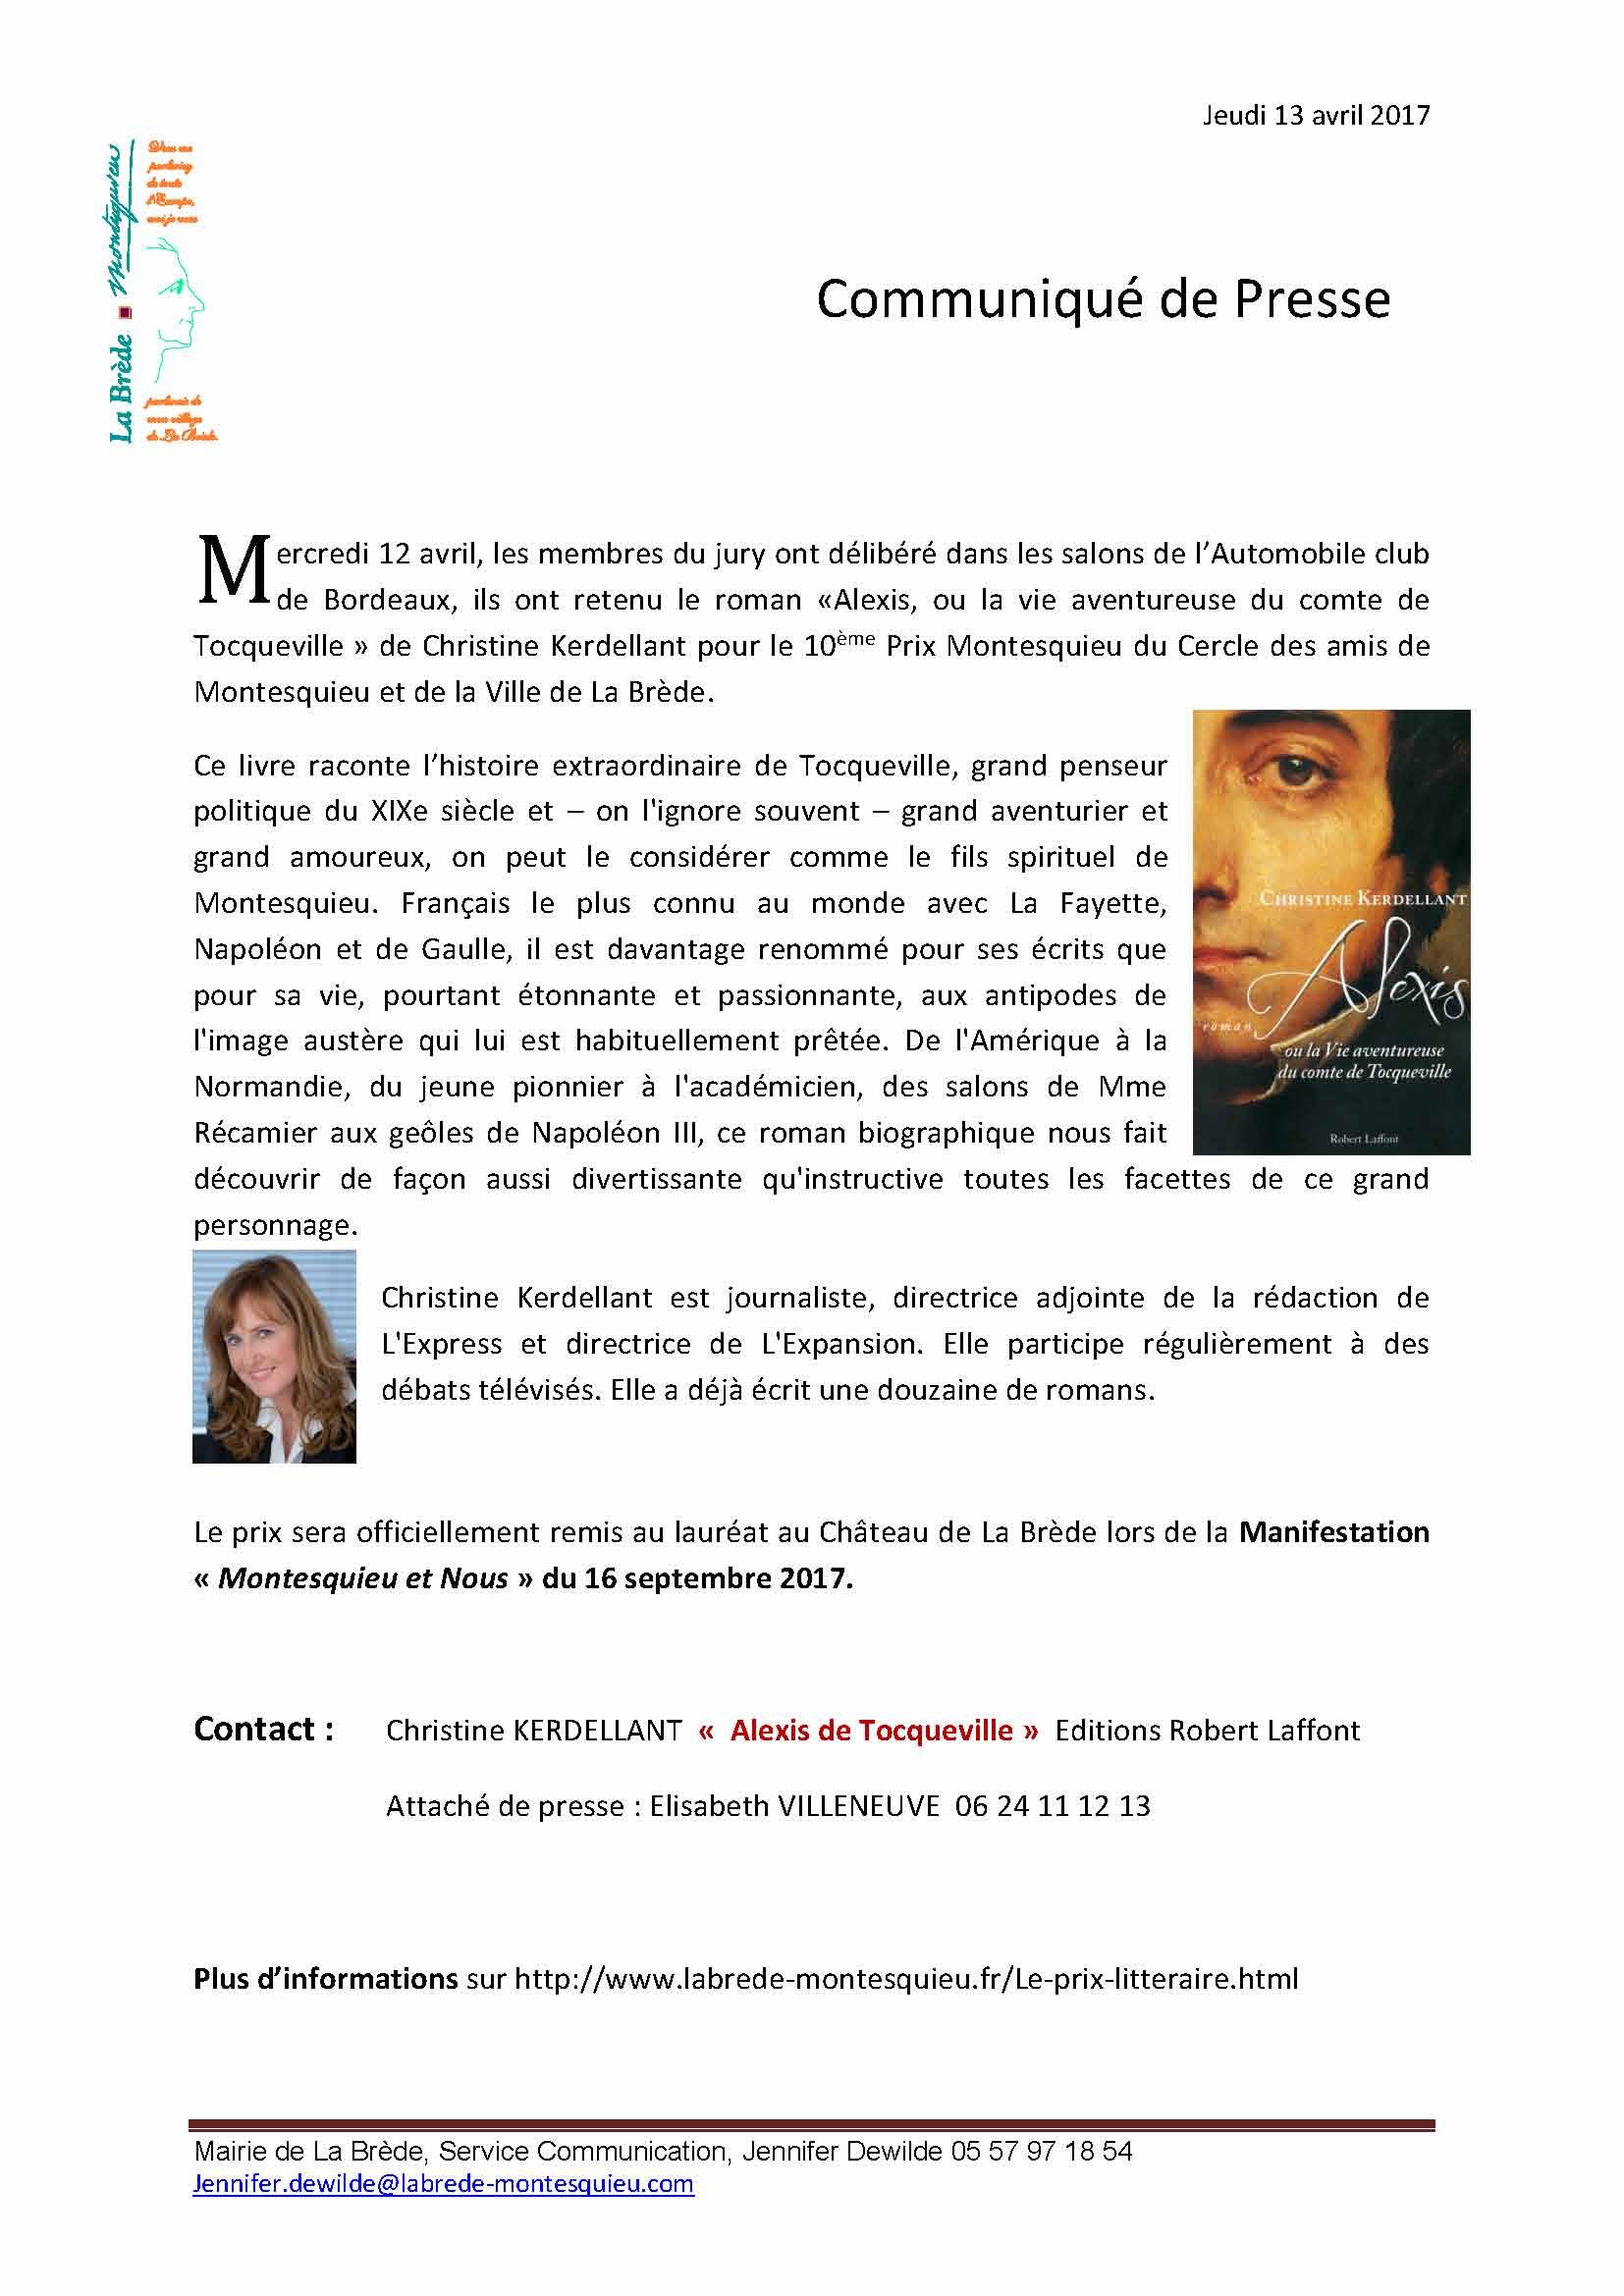 communique_laureat-2017-prix-litterairemontesquieu